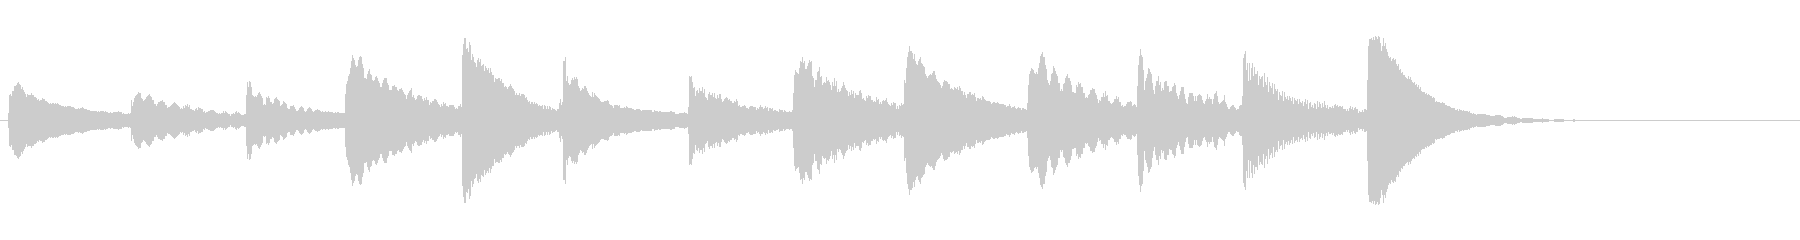 カリンバを生演奏した可愛いジングルの未再生の波形